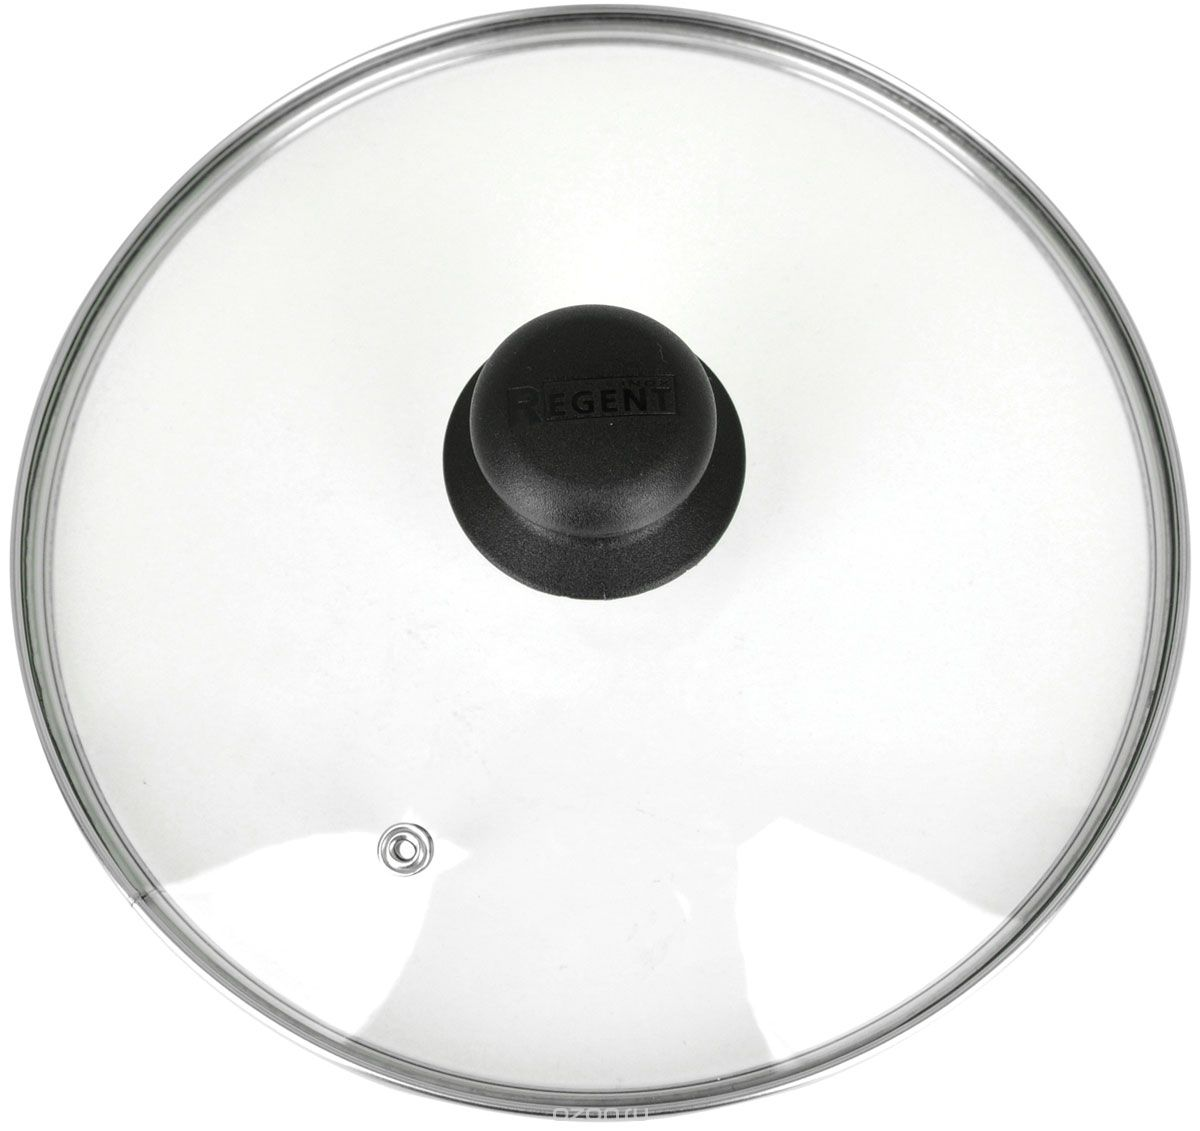 Крышка Regent Inox, стеклянная. Диаметр 30 см93-LID-01-30Крышка Regent Inox изготовлена из термостойкого стекла. Обод, выполненный из высококачественной нержавеющей стали, защищает крышку от повреждений, а ручка, выполненная из термостойкого пластика, защищает ваши руки от высоких температур. Крышка удобна в использовании, позволяет контролировать процесс приготовления пищи. Имеется отверстие для выпуска пара. Характеристики:Материал: стекло, нержавеющая сталь, пластик. Диаметр: 30 см. Размер упаковки: 30 см х 30 см х 6 см. Производитель:Италия. Артикул: 30.